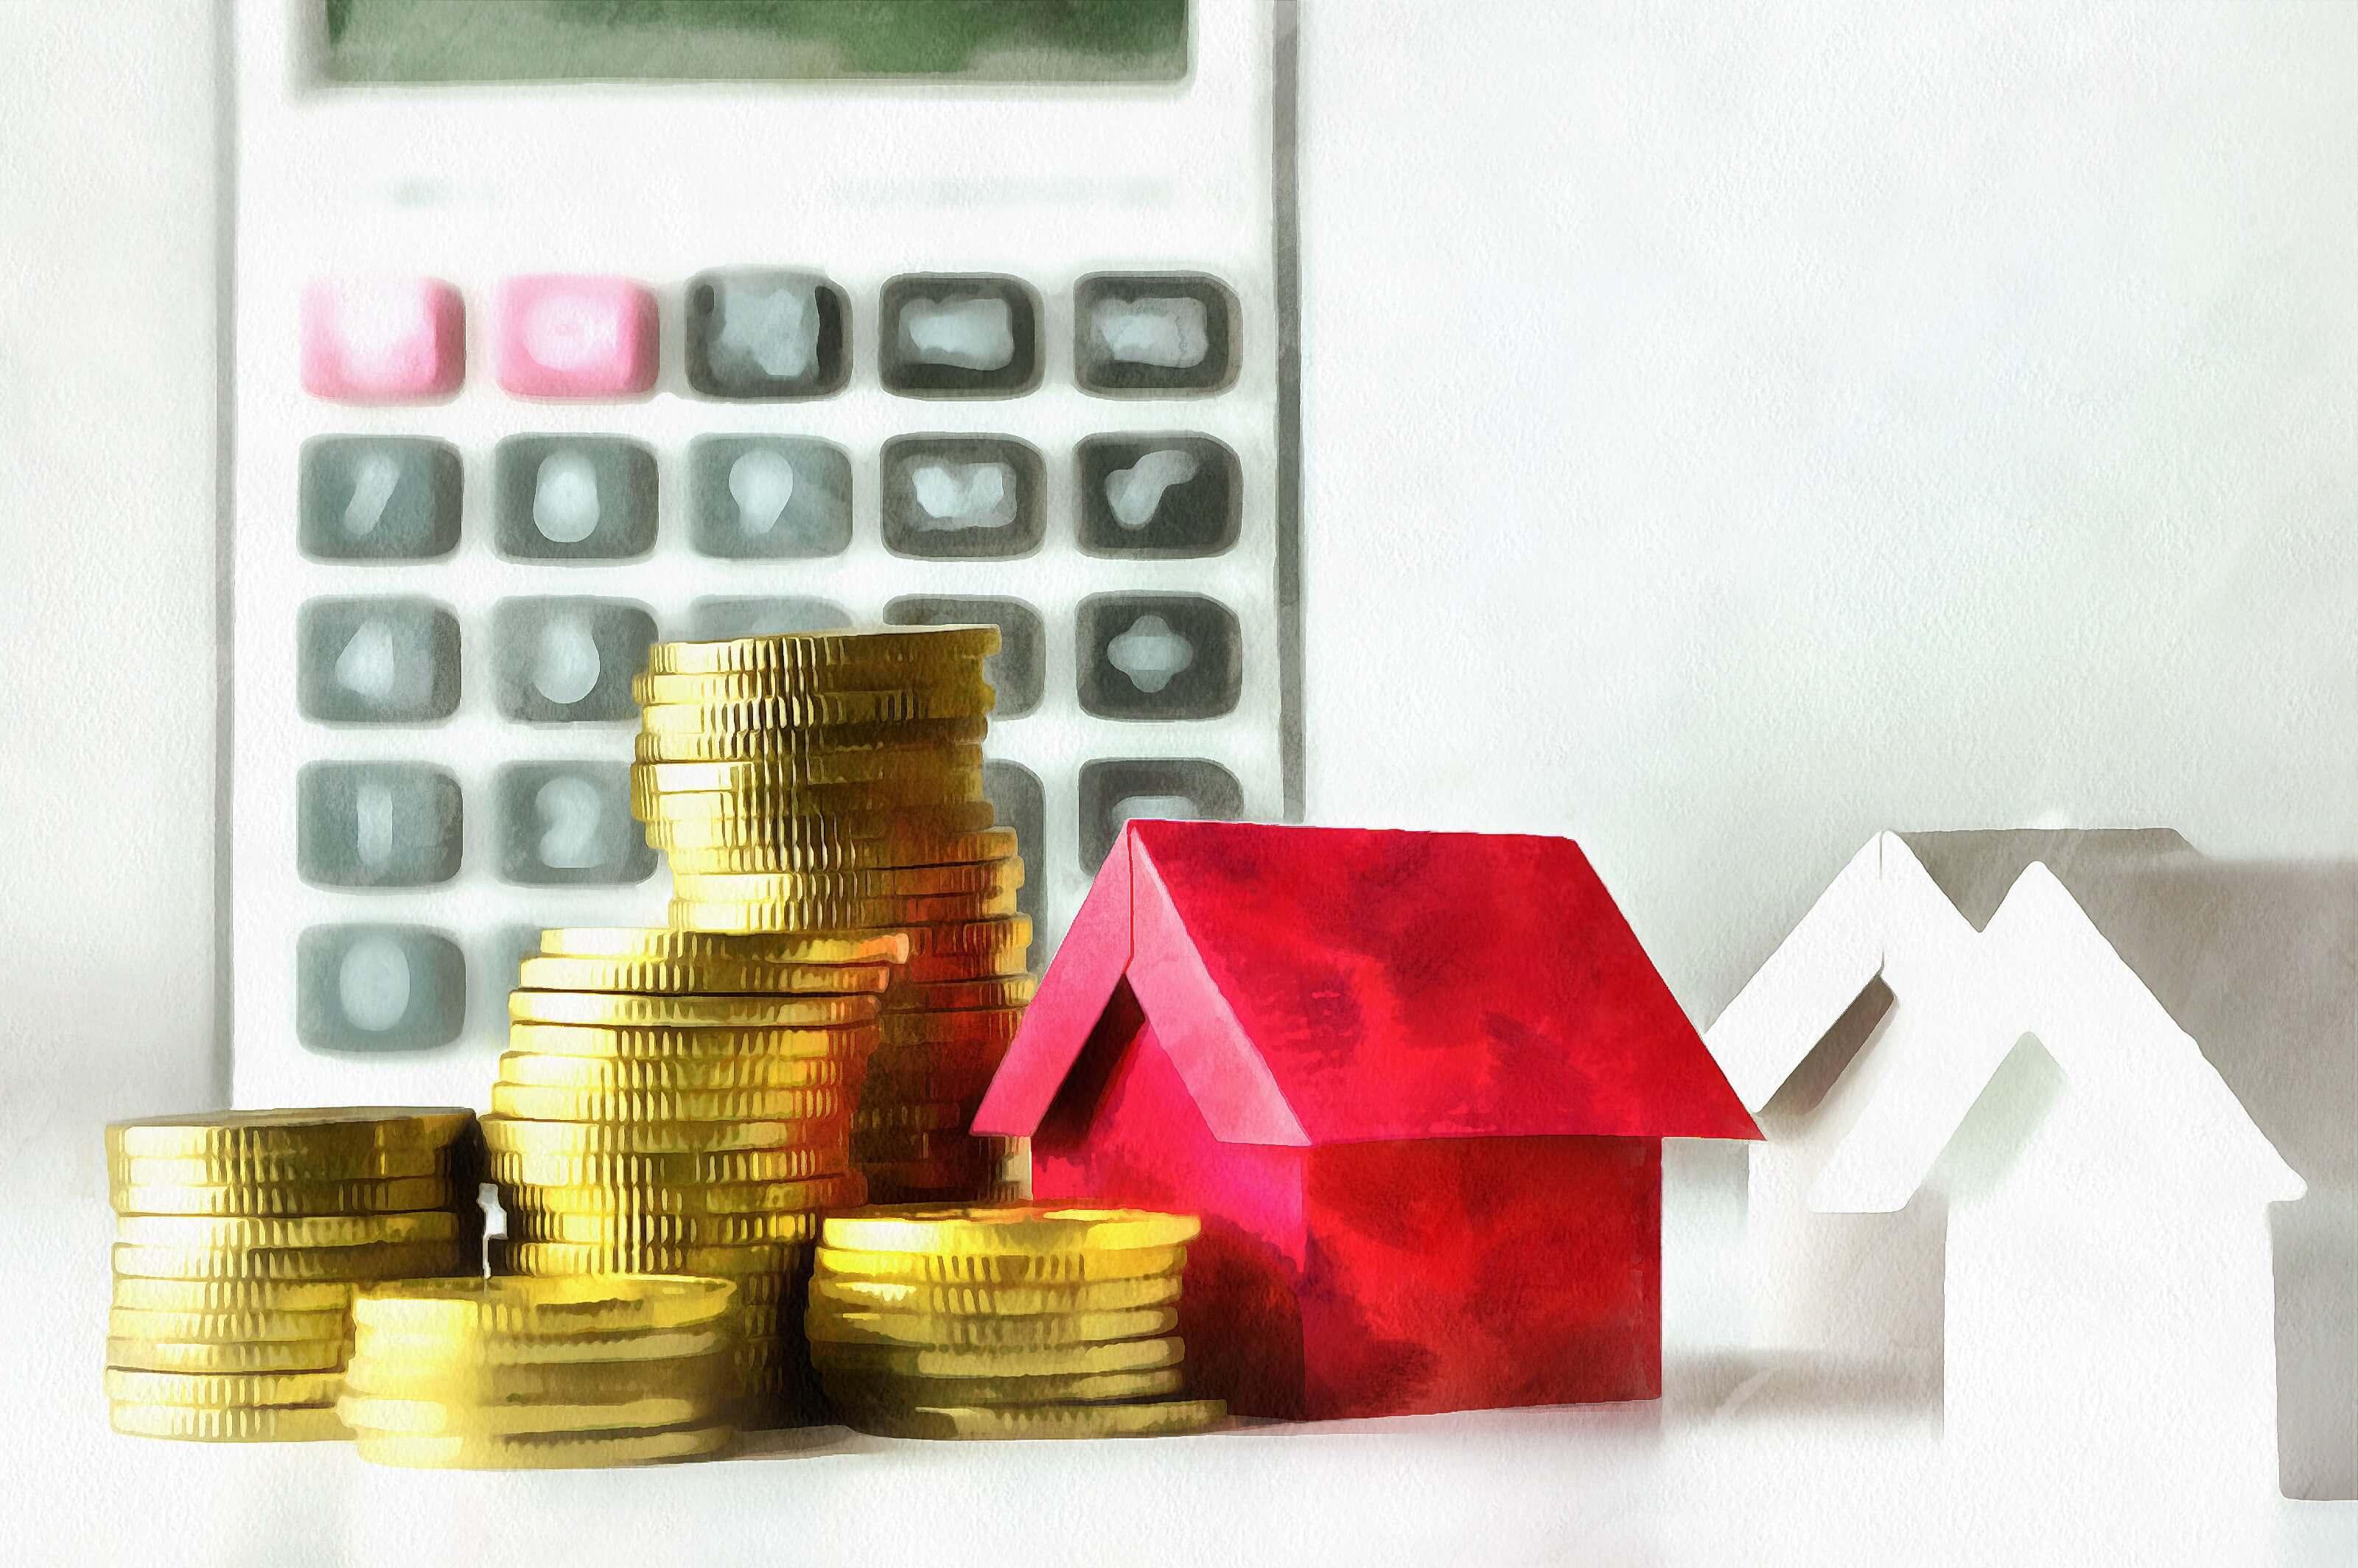 Сроки оплаты налога на недвижимость и возможность не платить